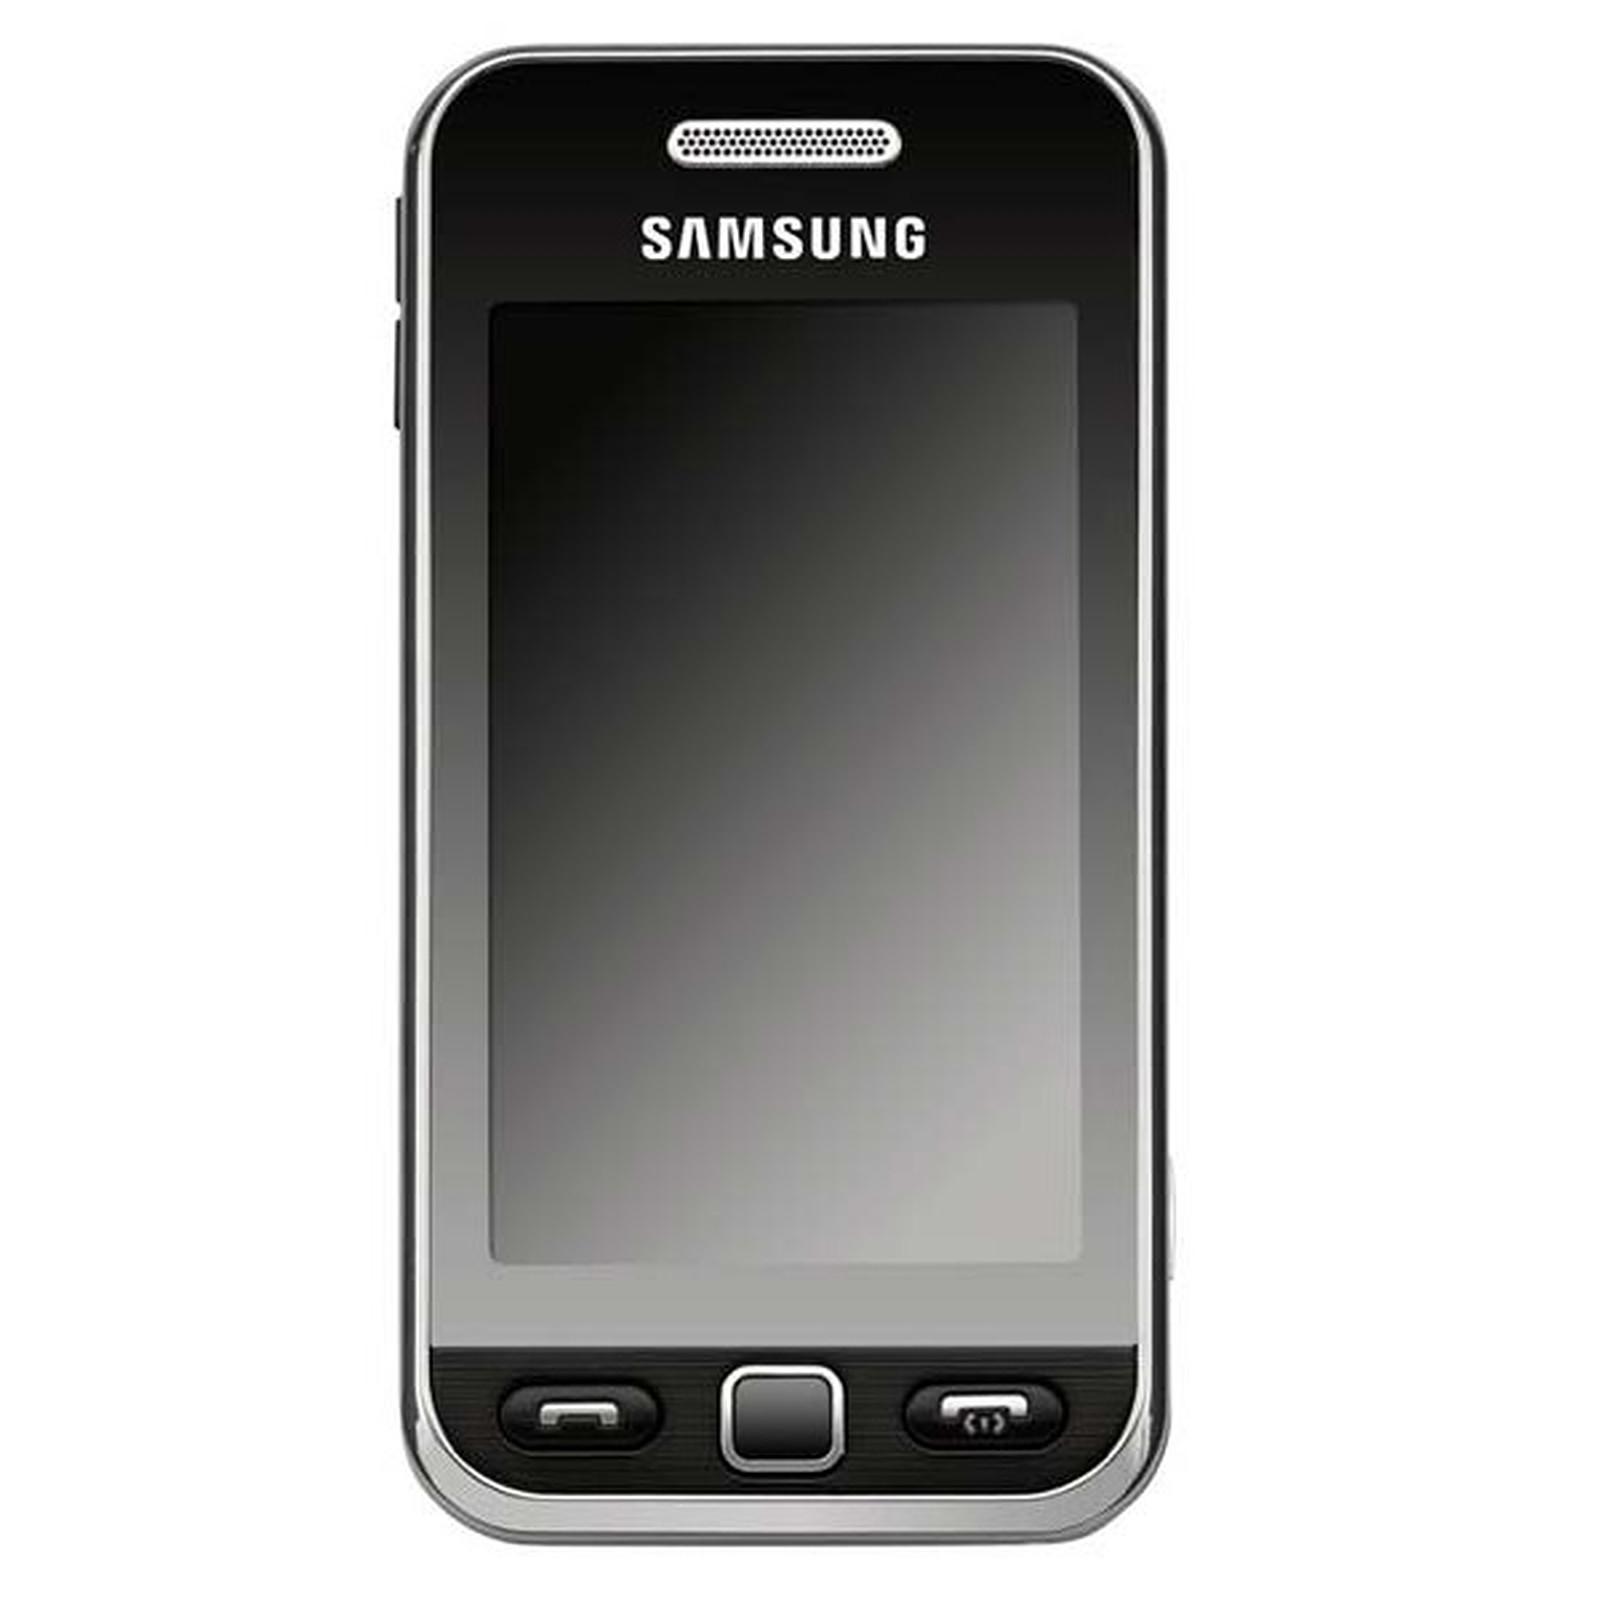 jeux java pour mobile samsung gt-s5230